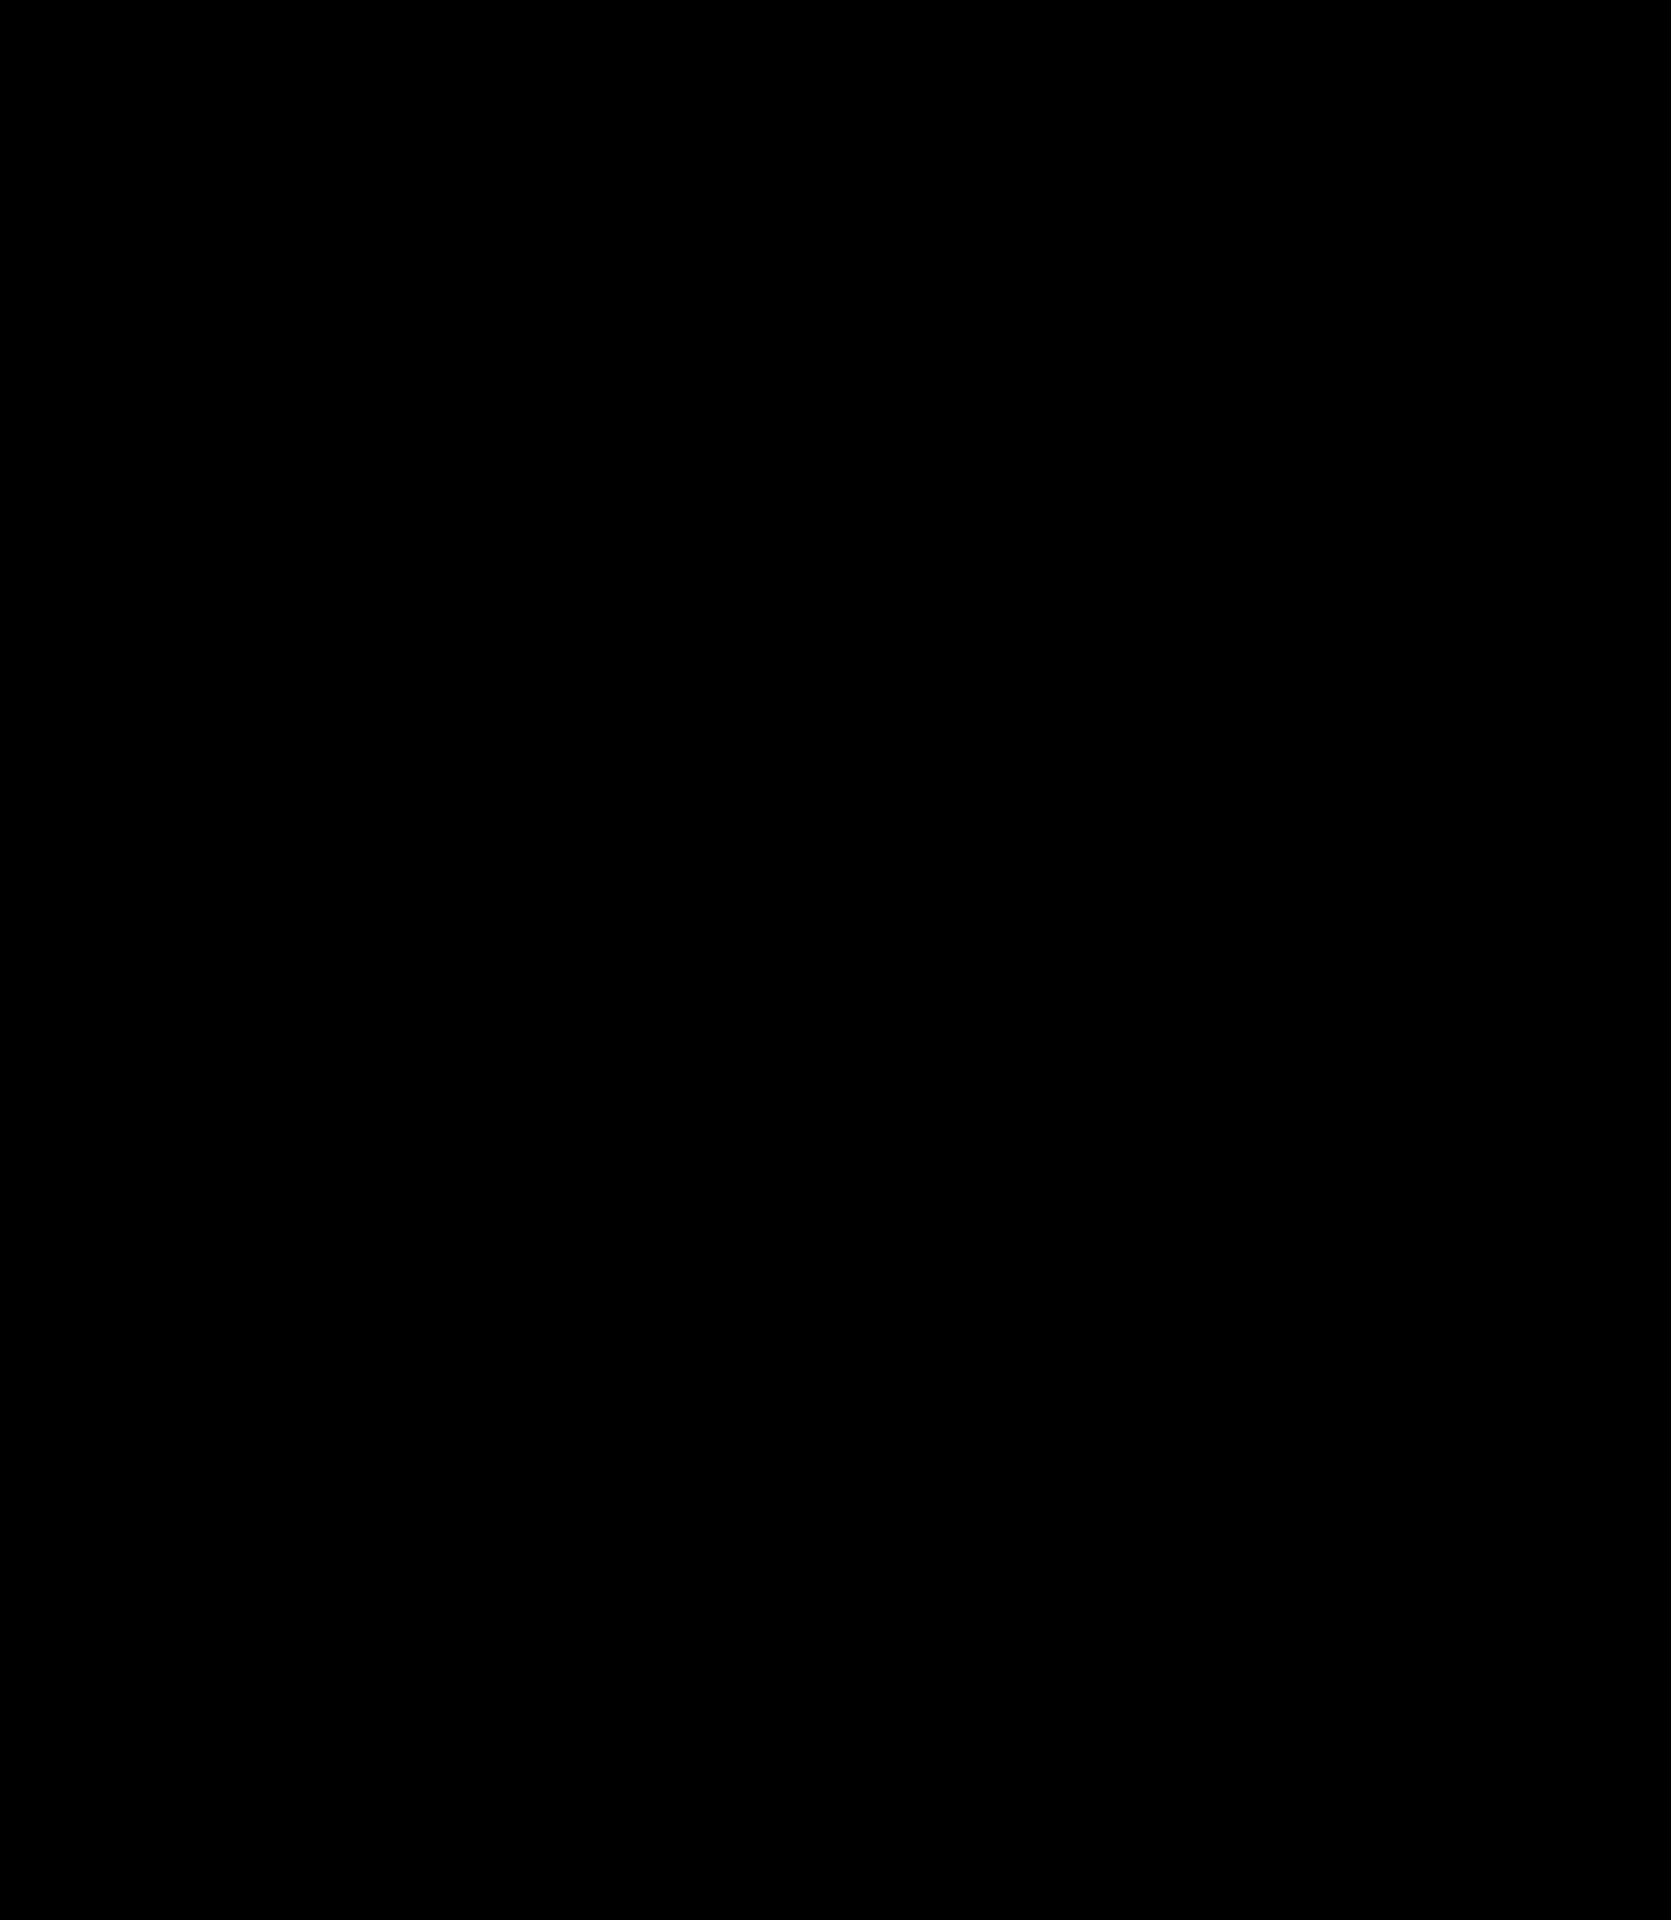 Kit 25 Porta de Abrir Com Maçaneta Asa Vidro Alvenaria